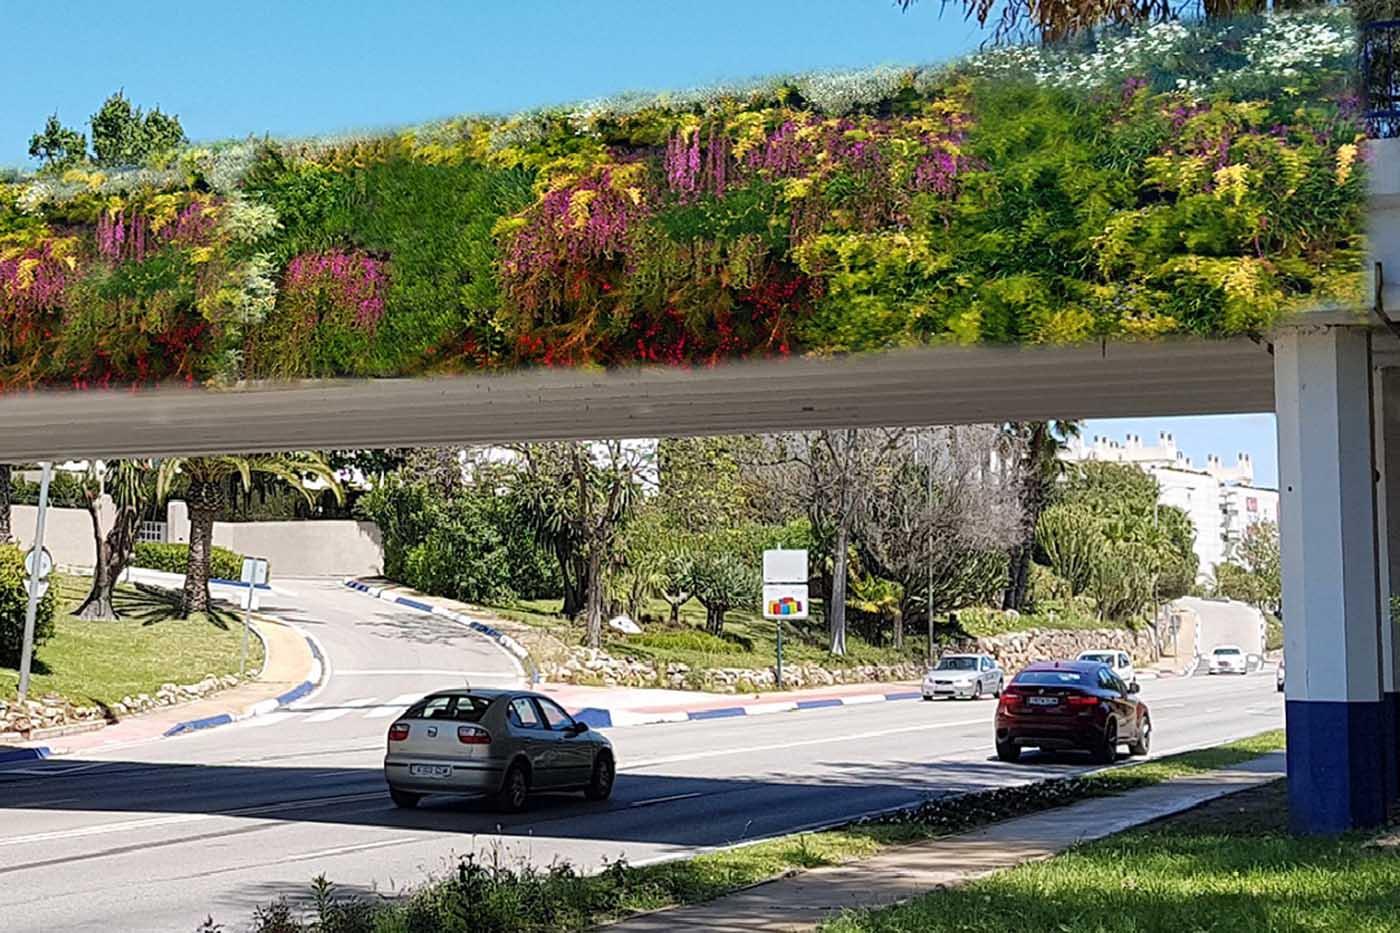 El Ayuntamiento adjudica un proyecto para potenciar y embellecer la imagen de Marbella